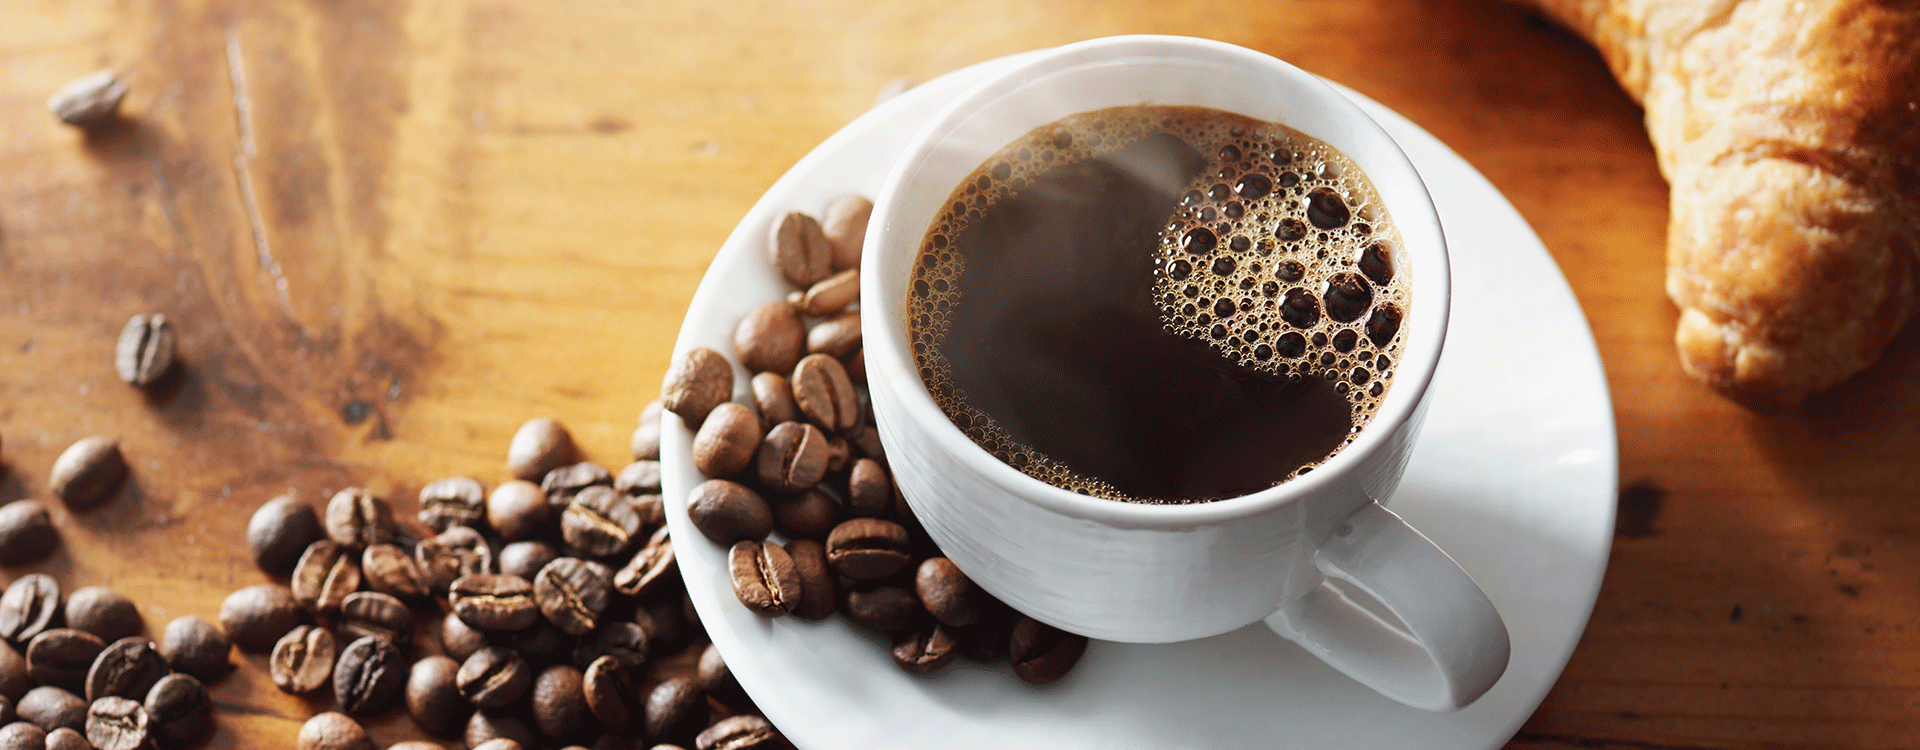 Kawa mokka - jak ją zrobić w domu?